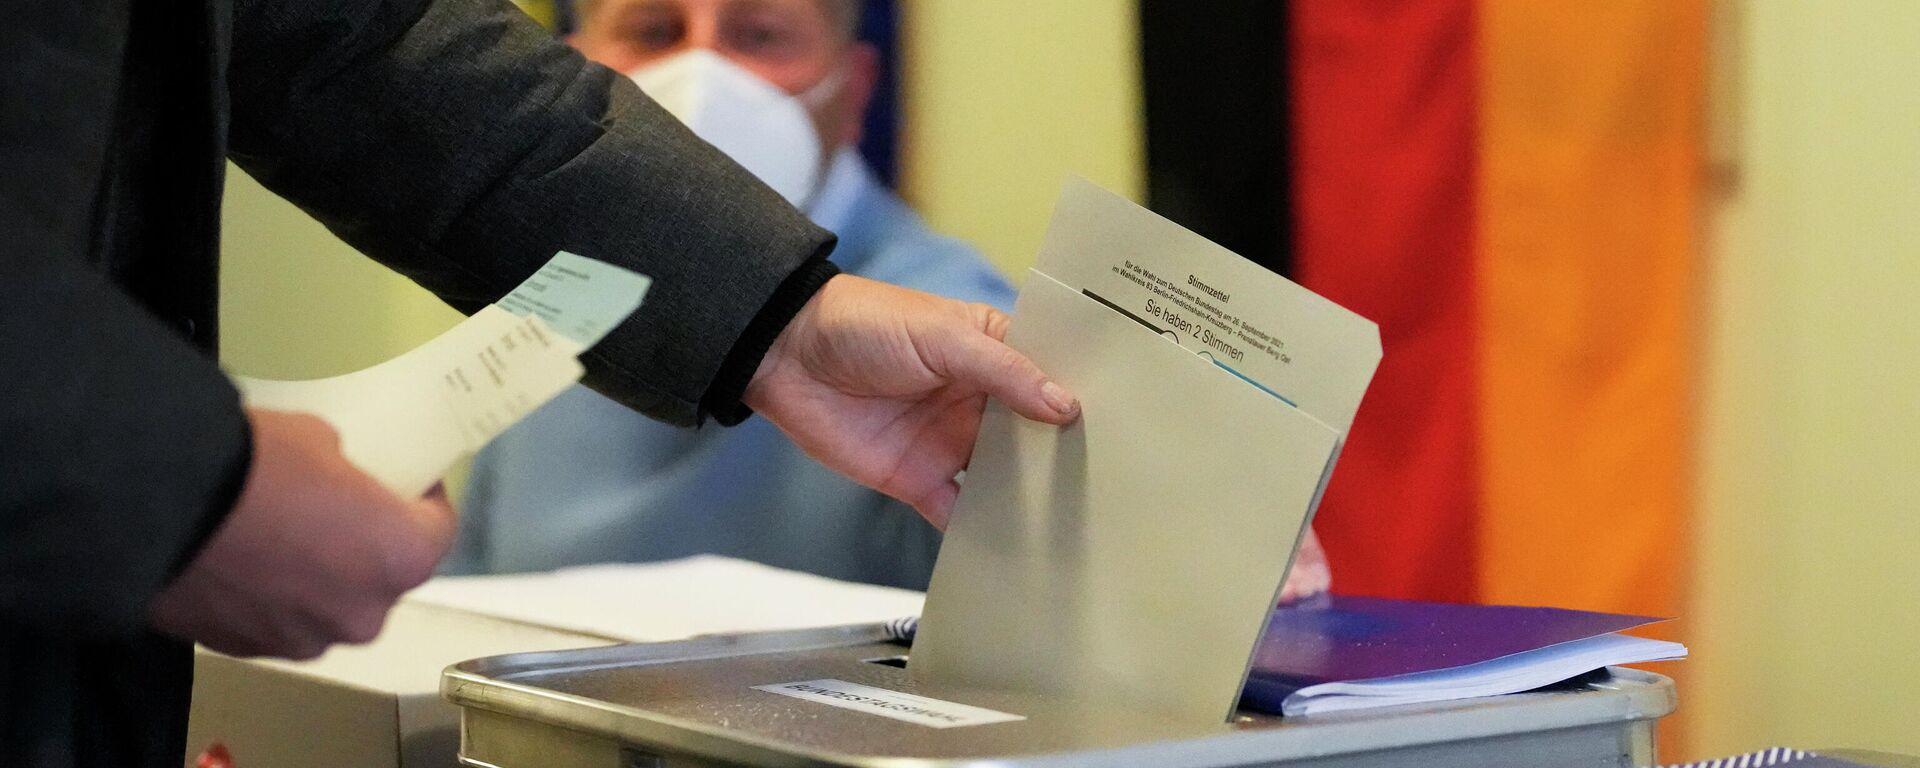 Glasanje na izborima za nemački Bundestag - Sputnik Srbija, 1920, 27.09.2021